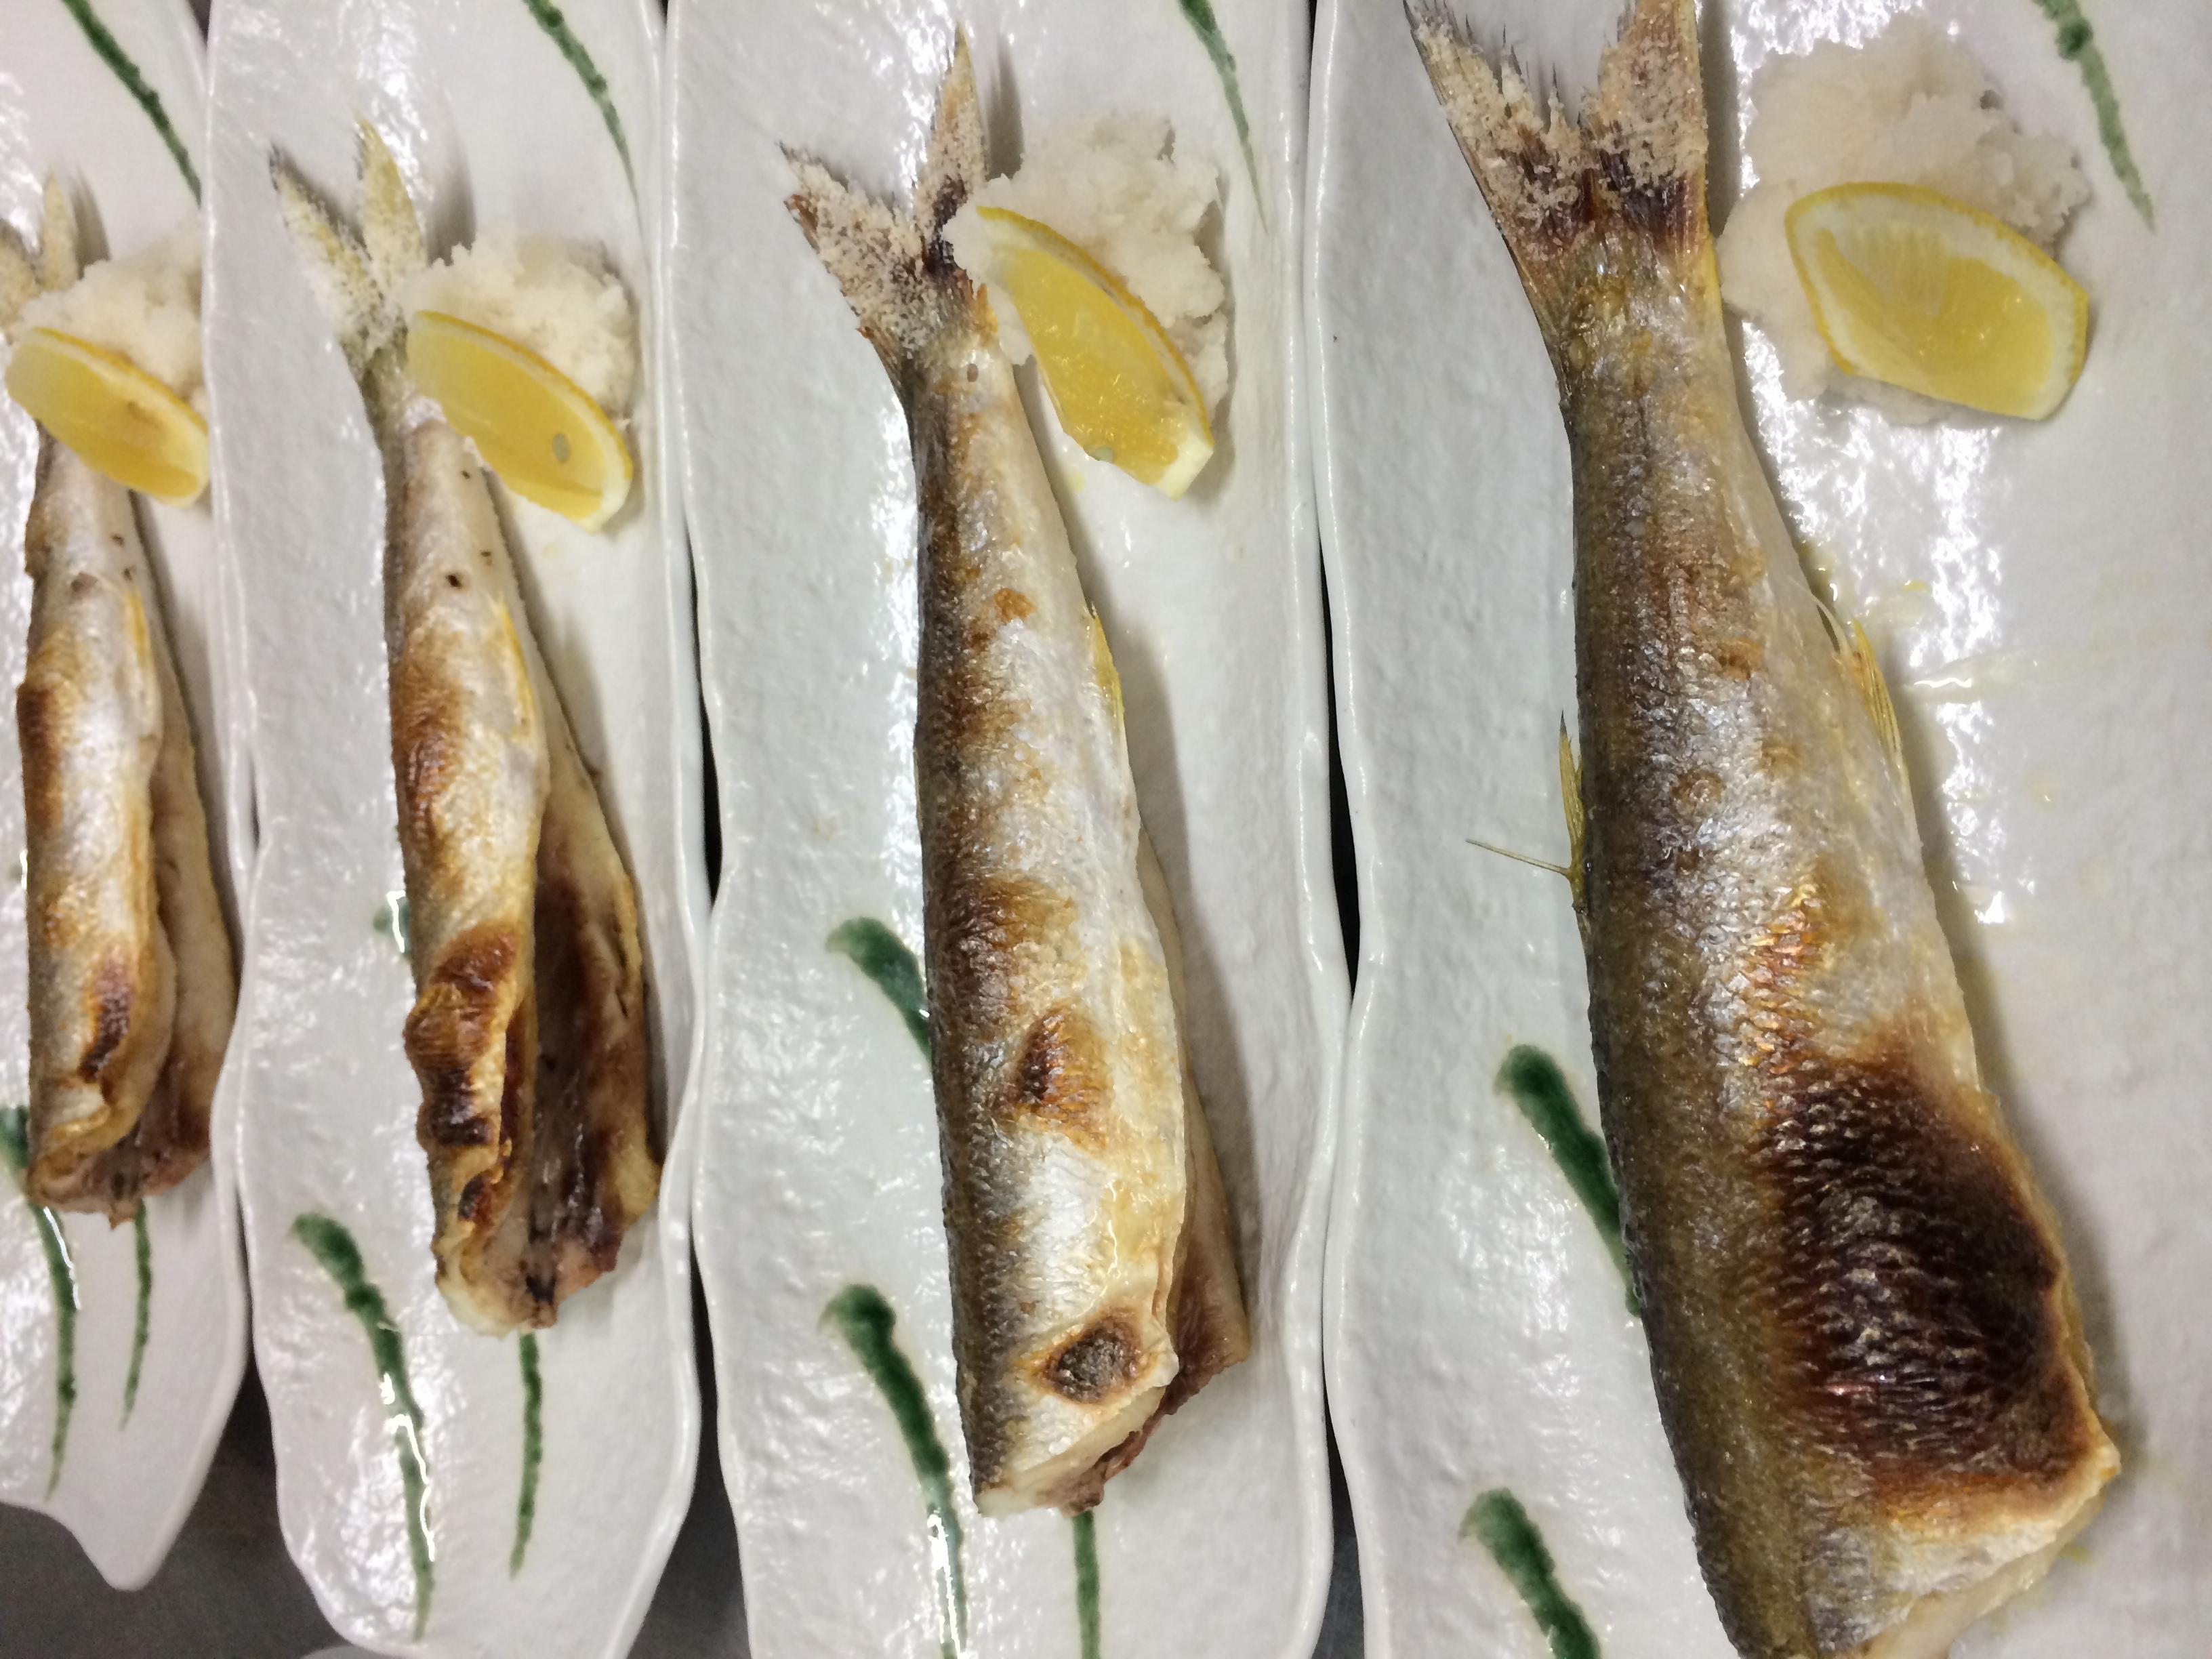 ★味よしムービー「かますの焼き魚、旨いですよ!!」:画像